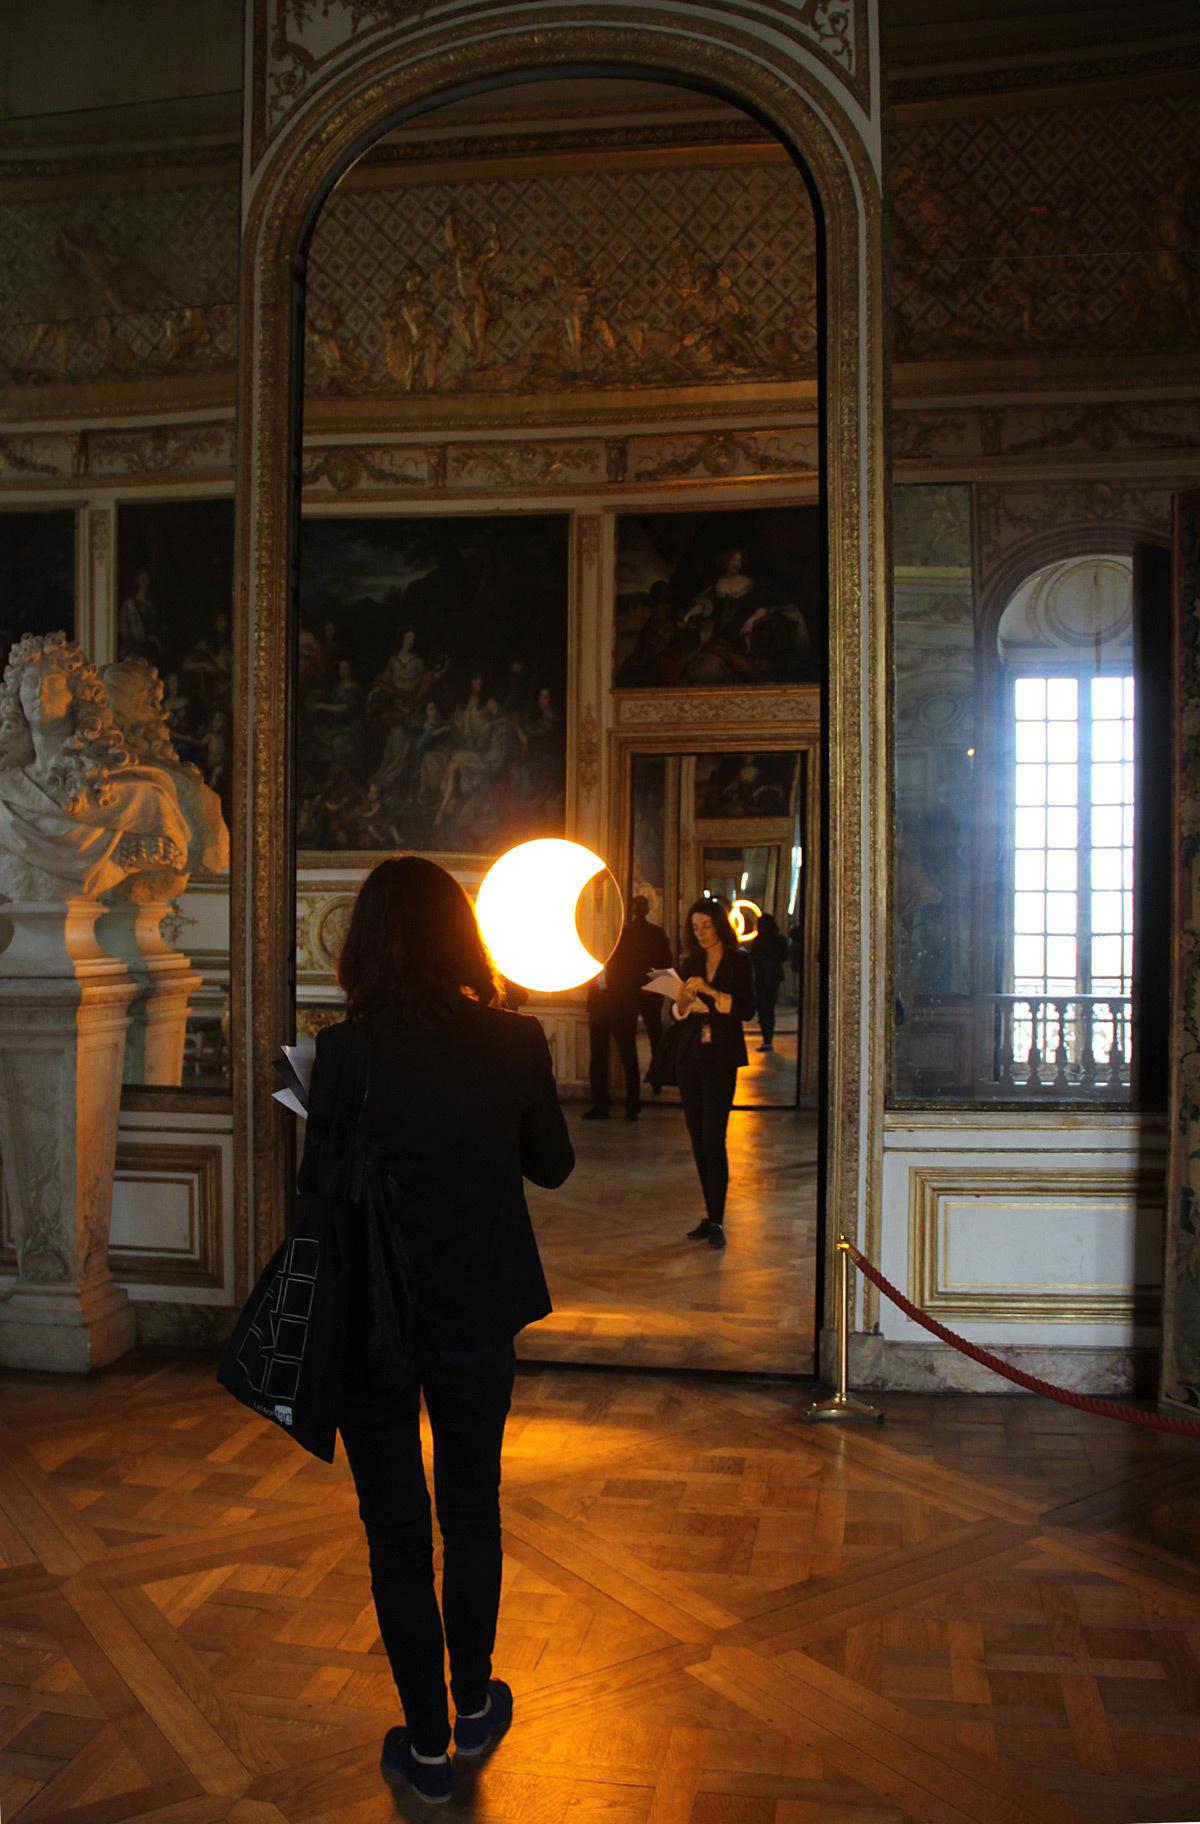 Deep mirror yellow black et le soleil couchant au - Creperie passage des deux portes versailles ...